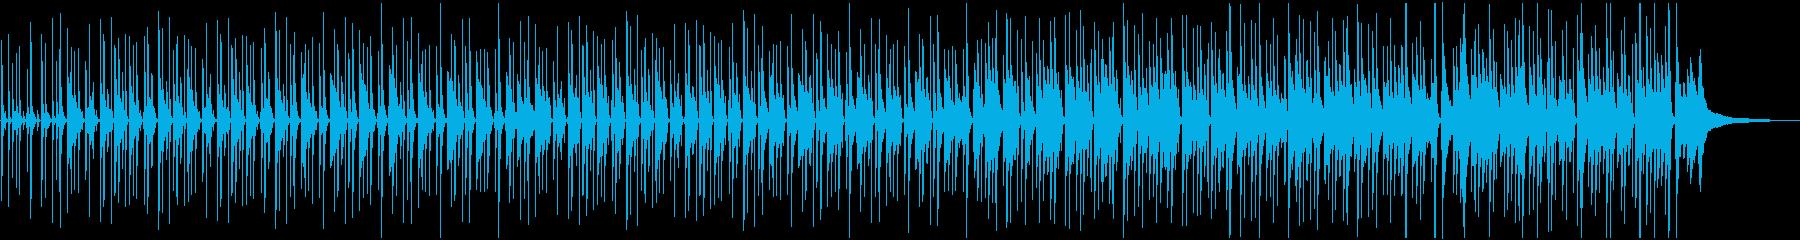 ピアノの音色が心地よいボサノバ曲の再生済みの波形